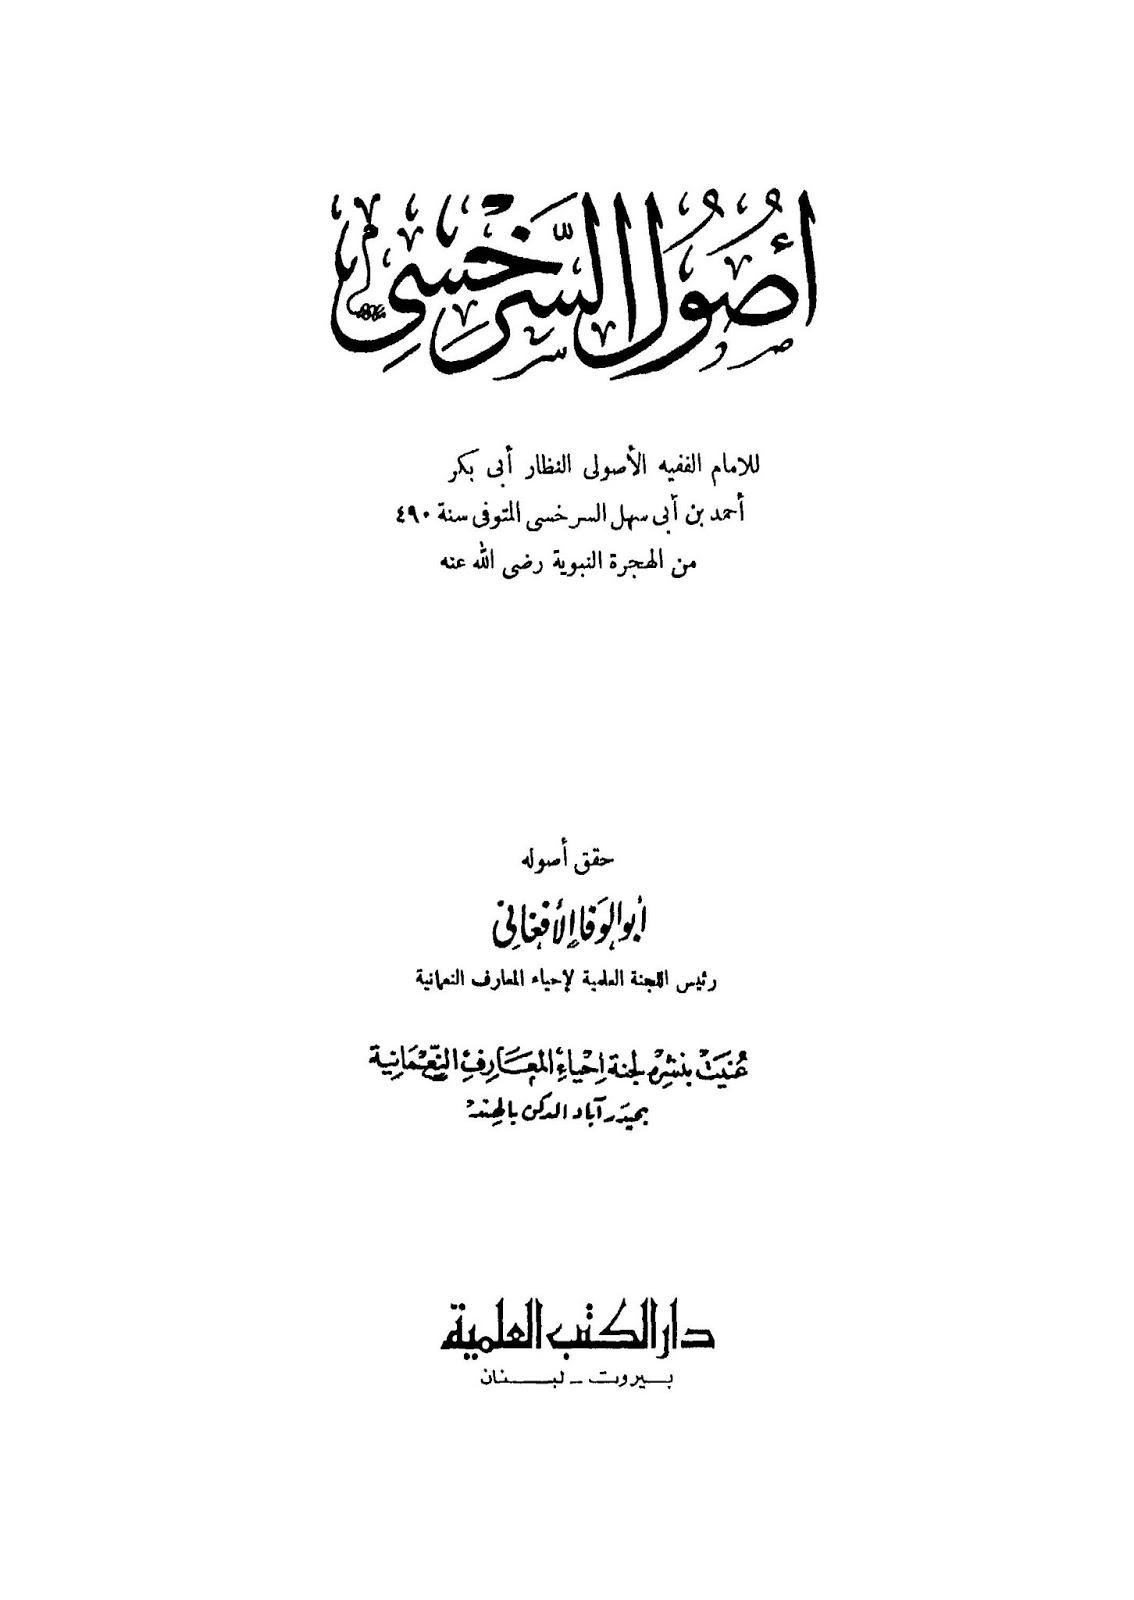 أصول السرخسي - للإمام أبي بكر أحمد السرخسي pdf